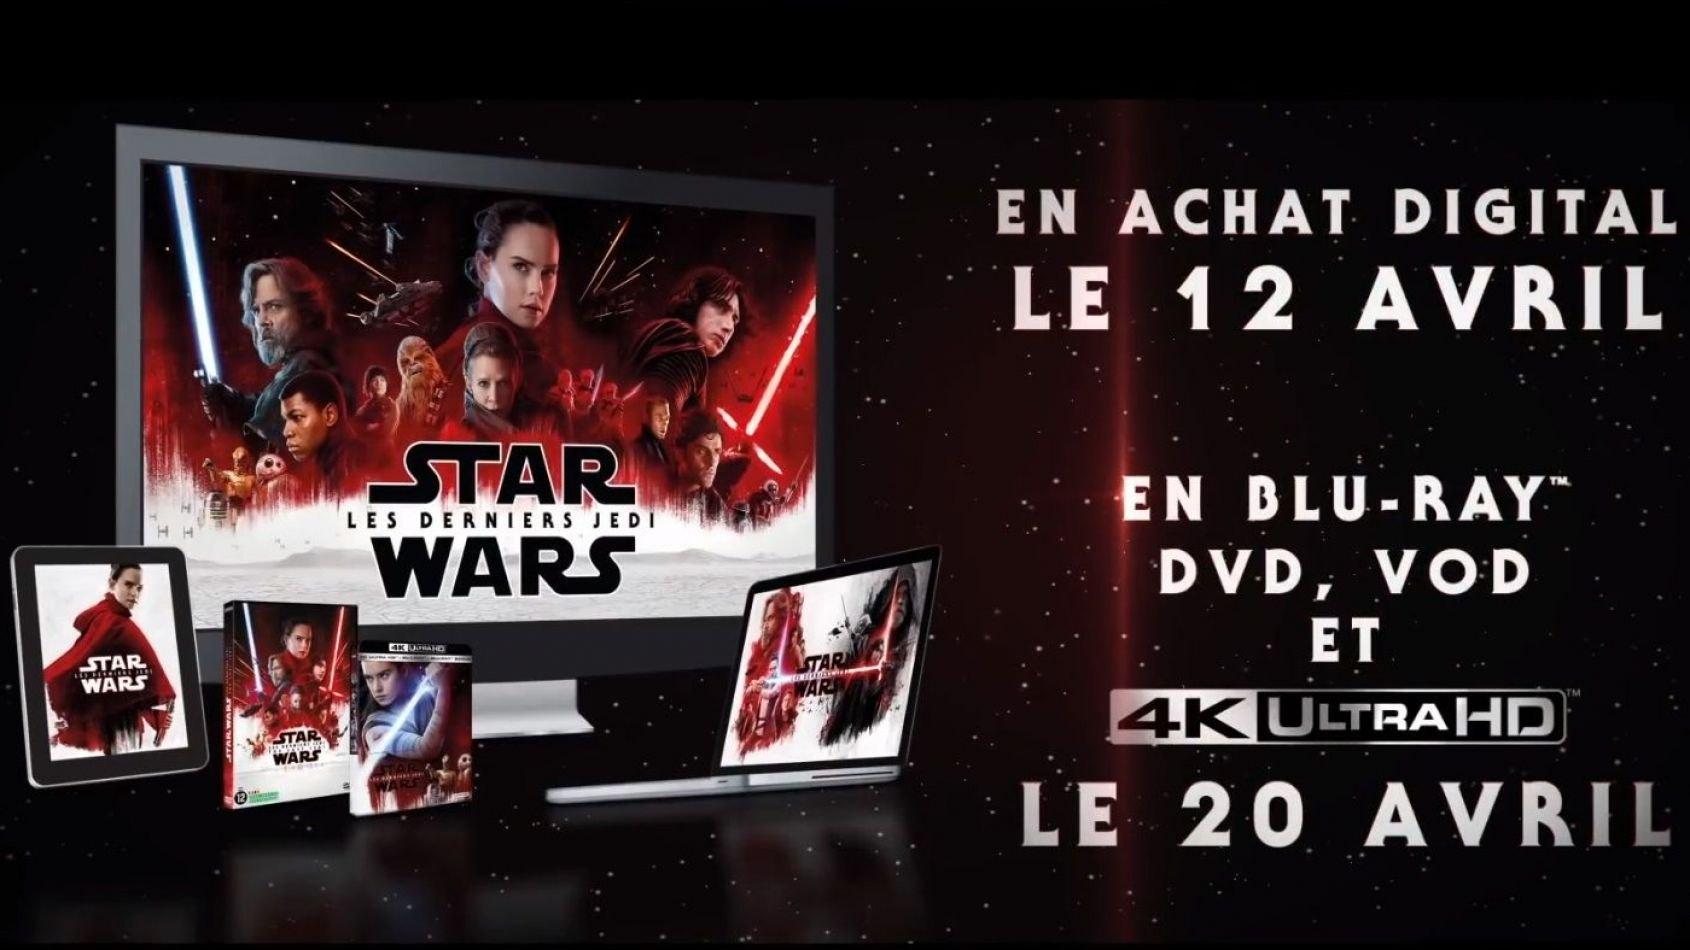 Les Informations Officielles du Blu-ray des Derniers Jedi en France